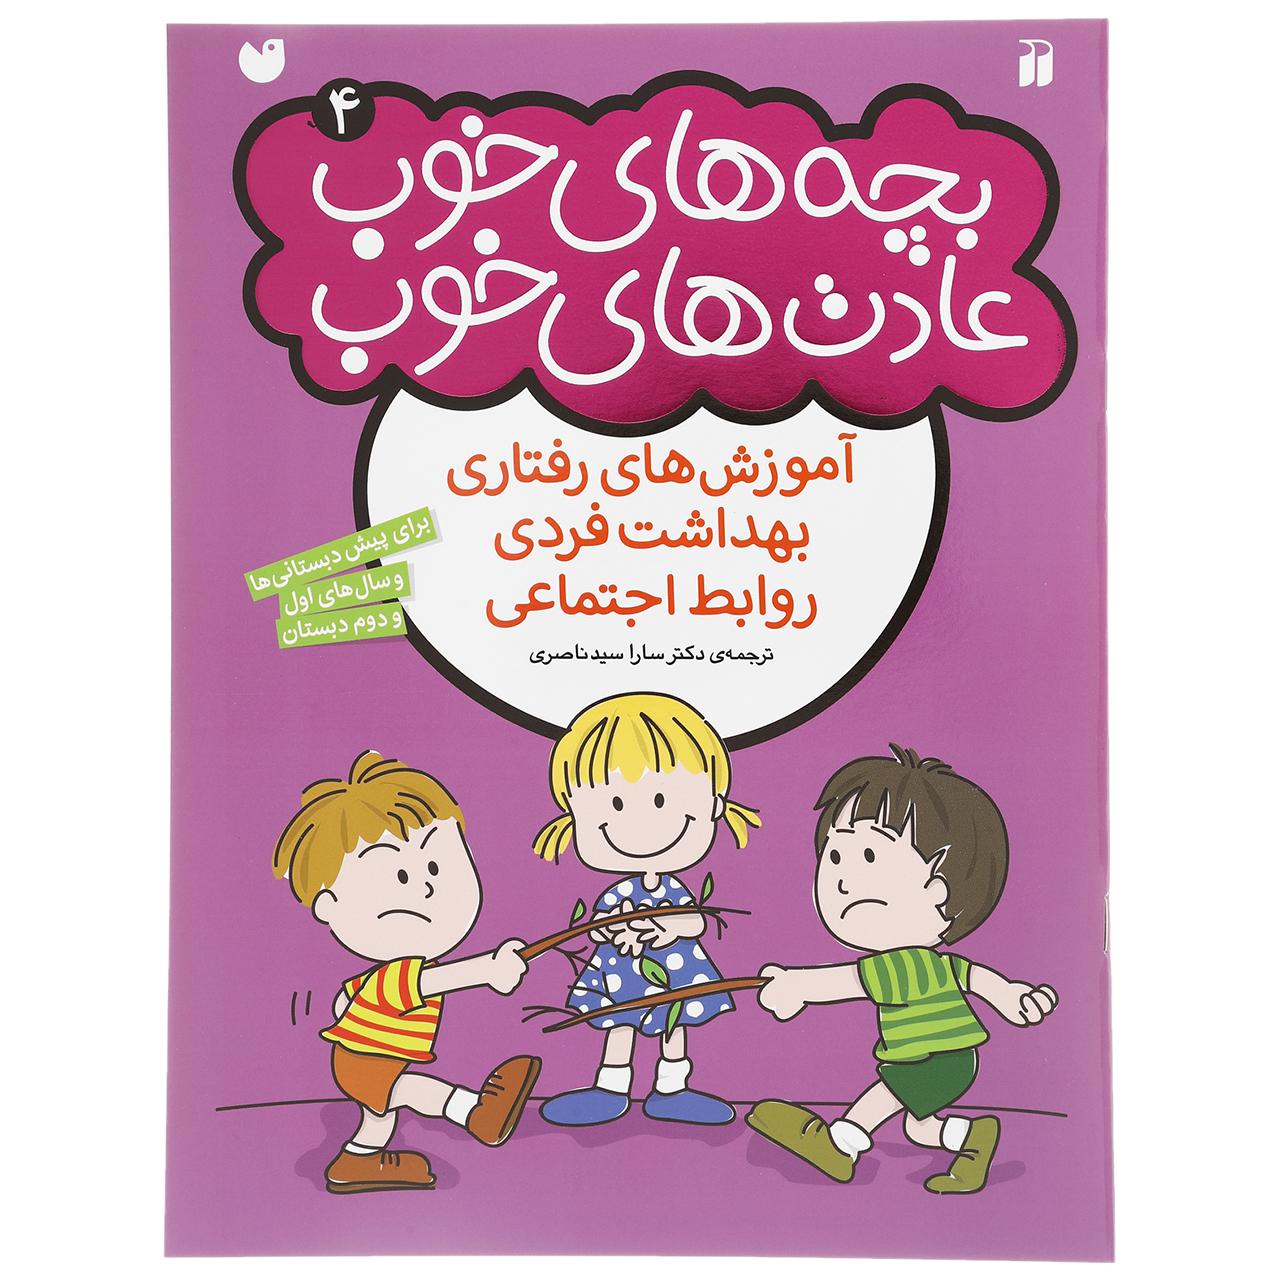 خرید                      کتاب بچه های خوب عادت های خوب 4 اثر سارا سید ناصری